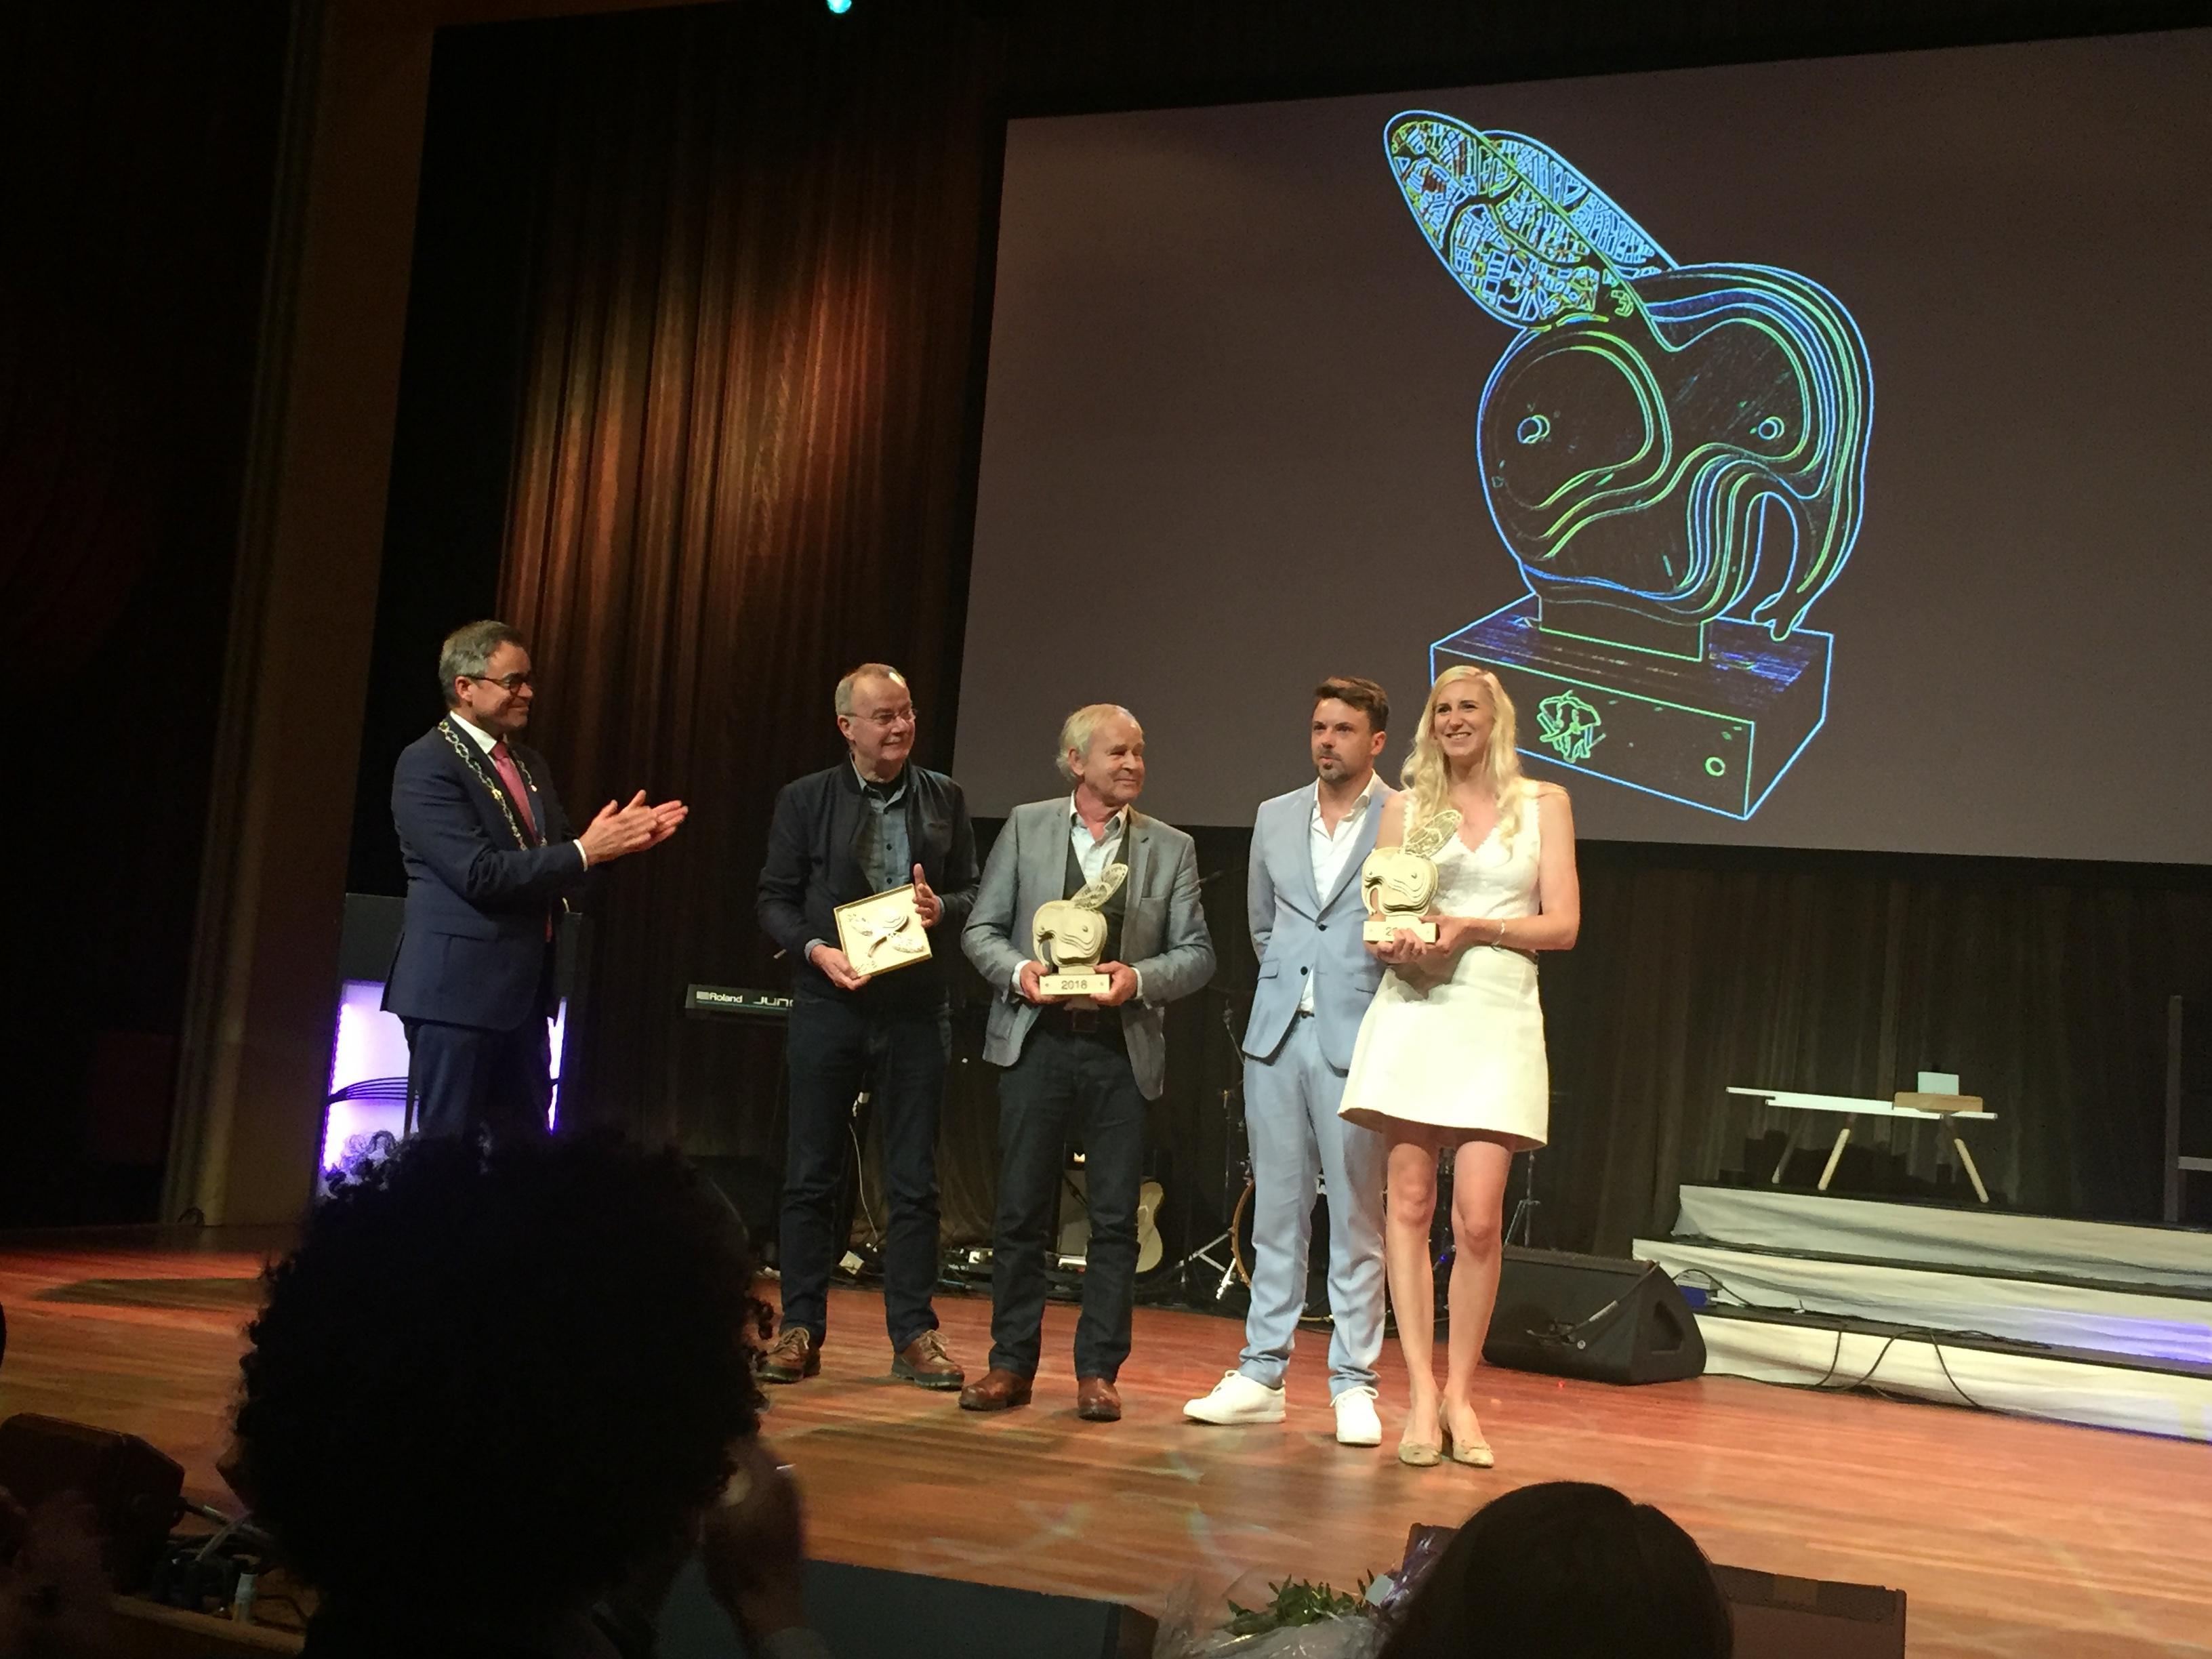 Sjoerd Buisman, Eline Schmidt, Koen van der Wel en Frans Lommerse winnaars Olifant